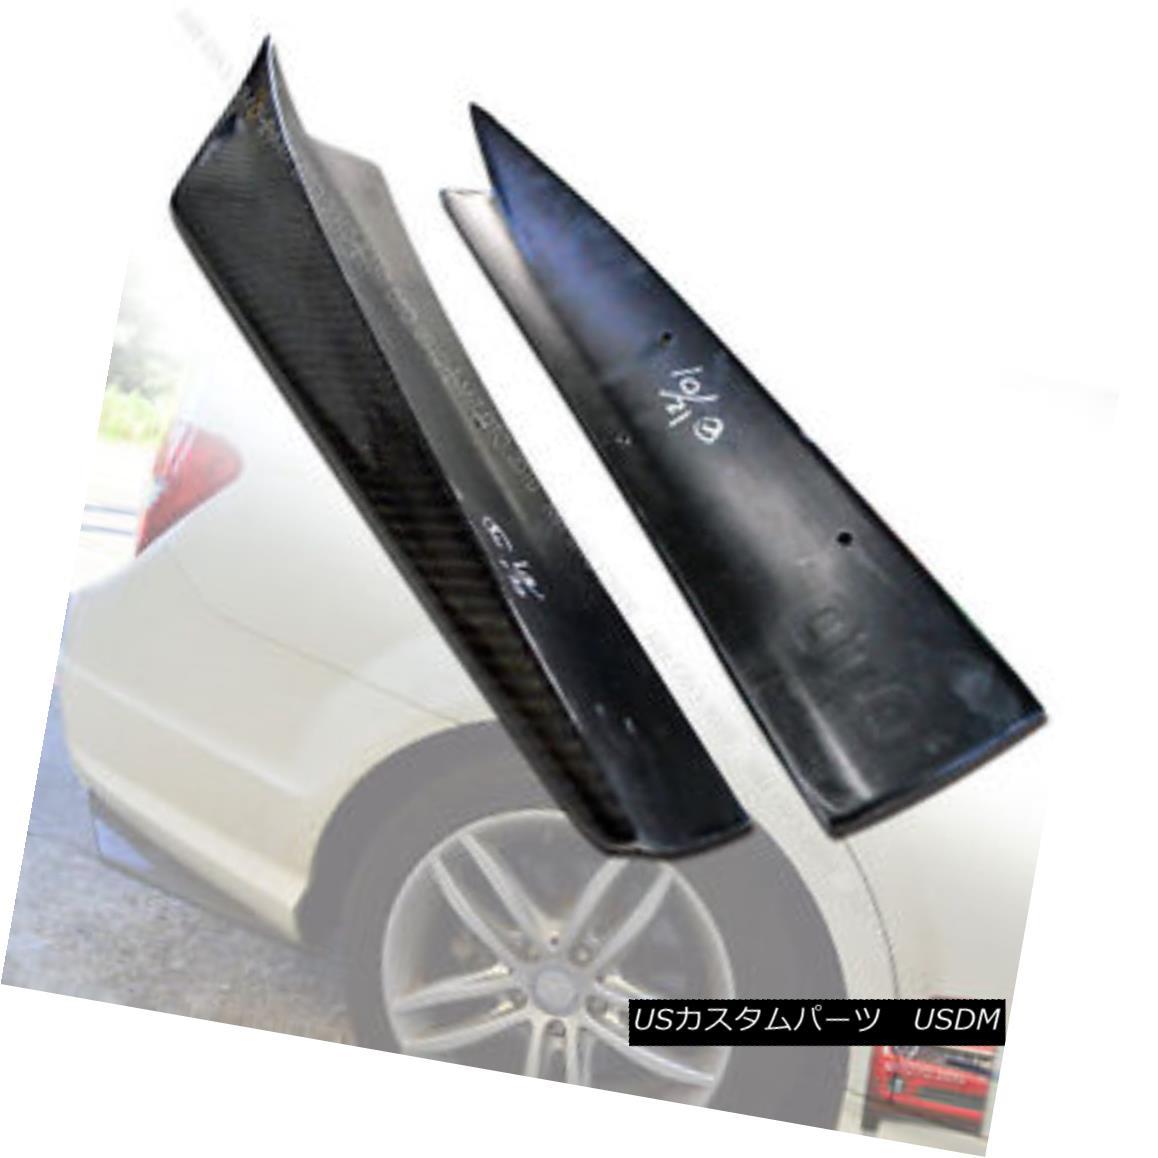 エアロパーツ Carbon MERCEDES BENZ W204 LCI Rear Side Skirt Bumper Extensions カーボンメルセデスベンツW204 LCIリアスカートバンパーエクステンション